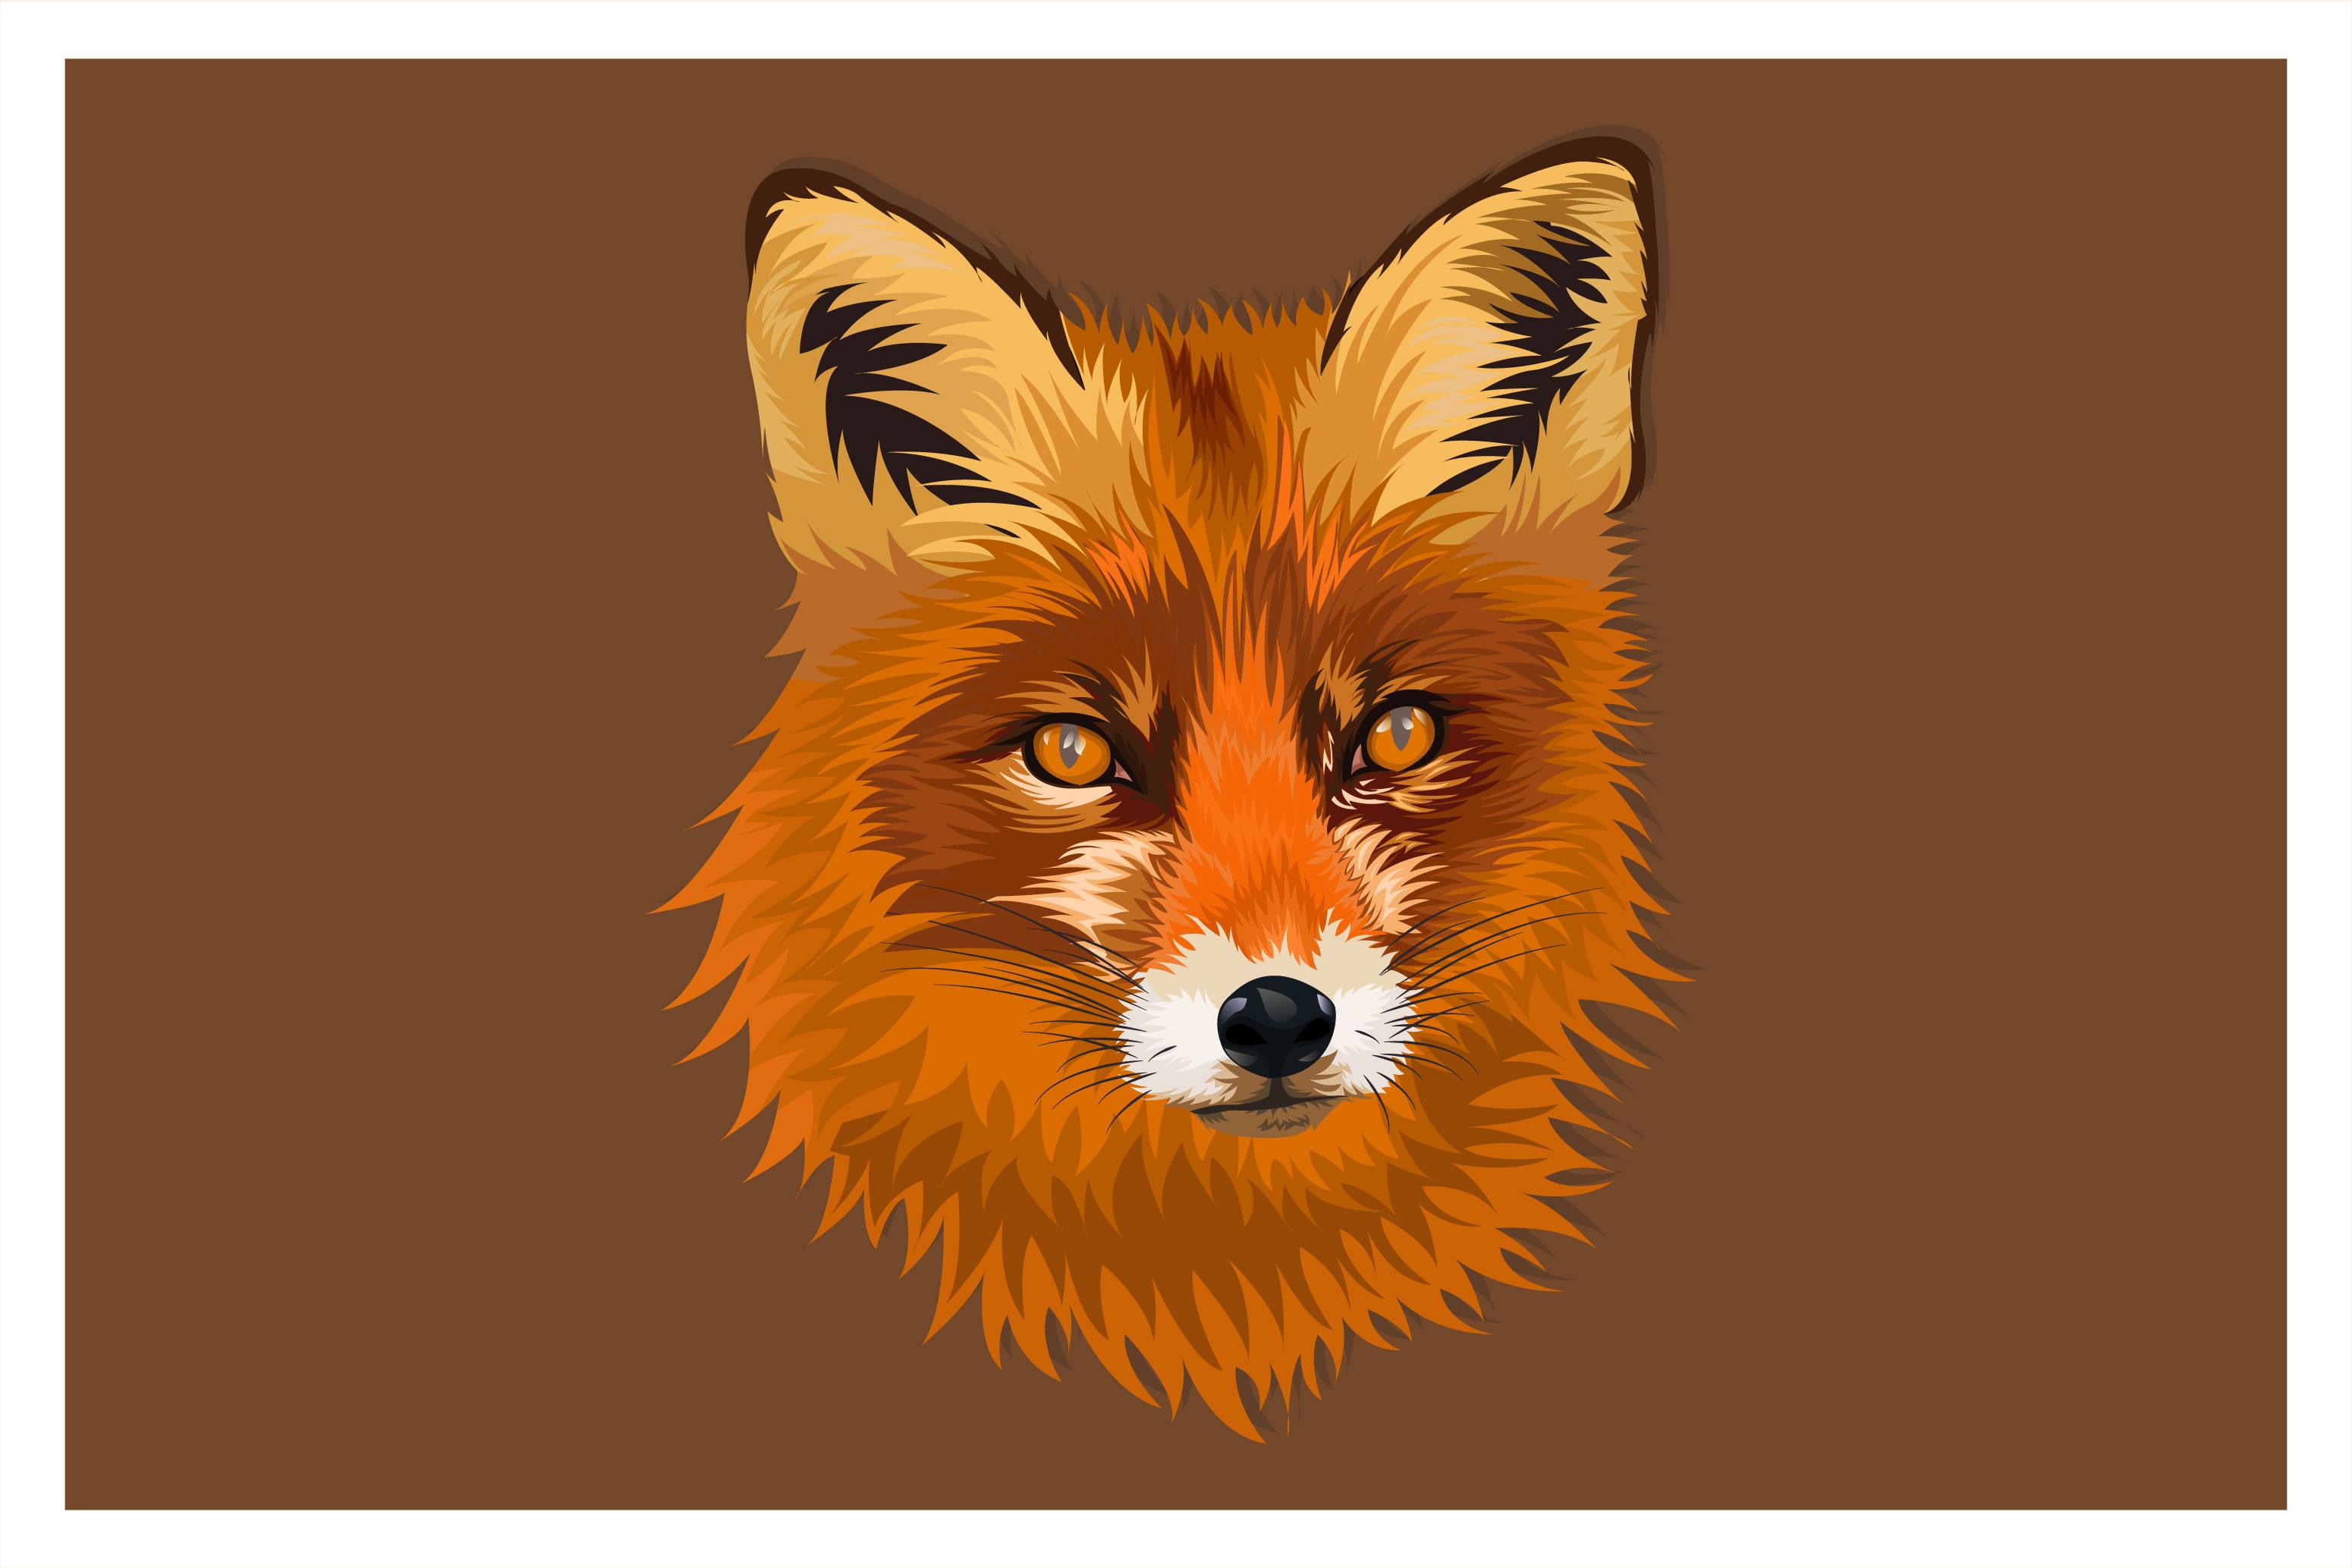 Cartoon Fox Head Drawing Download Free Vectors Clipart Graphics Vector Art